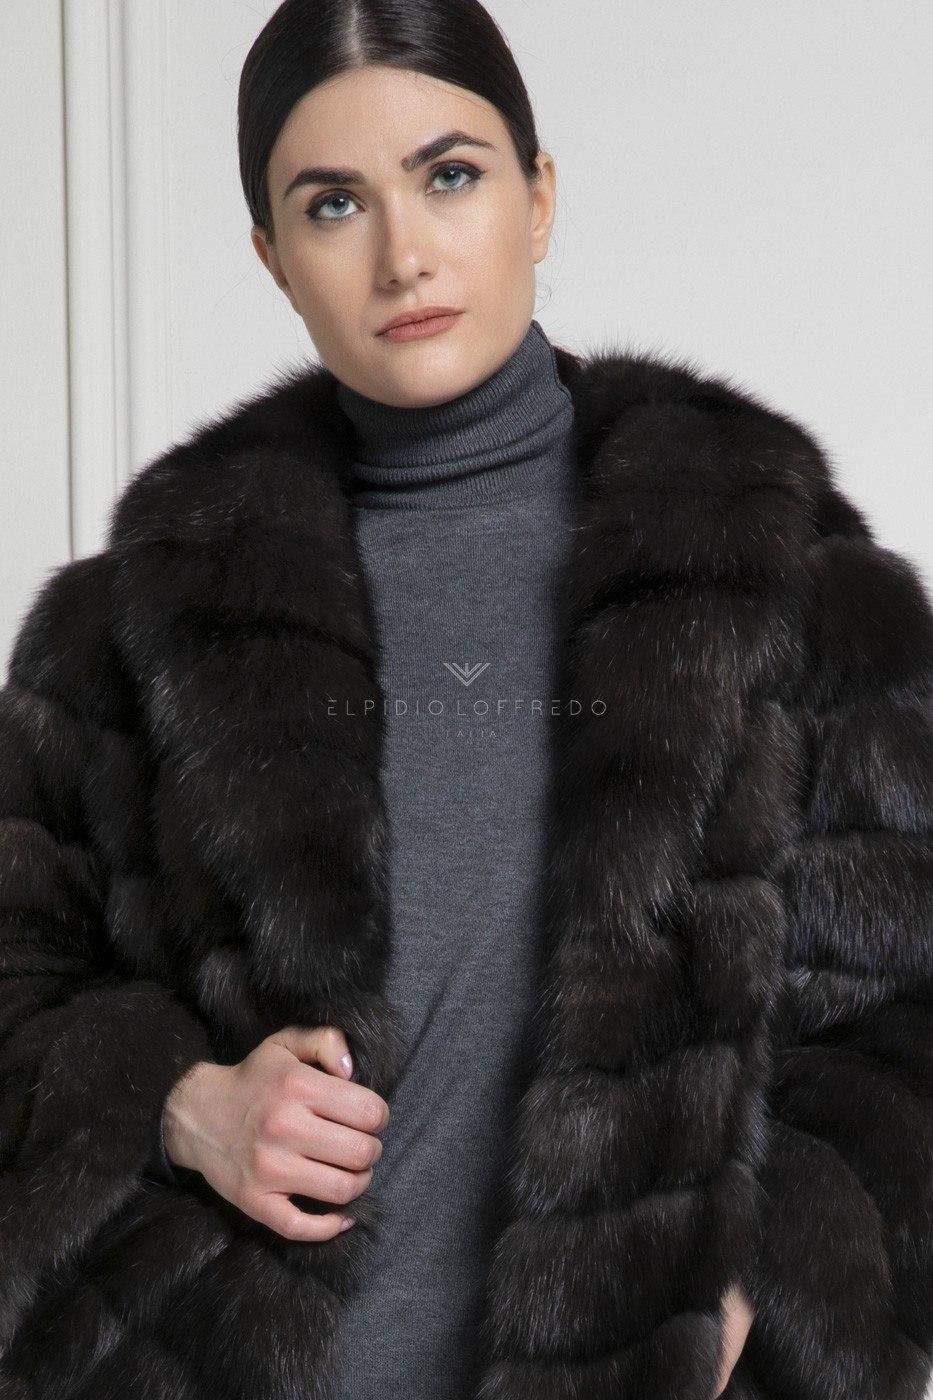 Cappotto di Zibellino Russo Barguzinsky Silvery 3 - Grafite - Rever Collar